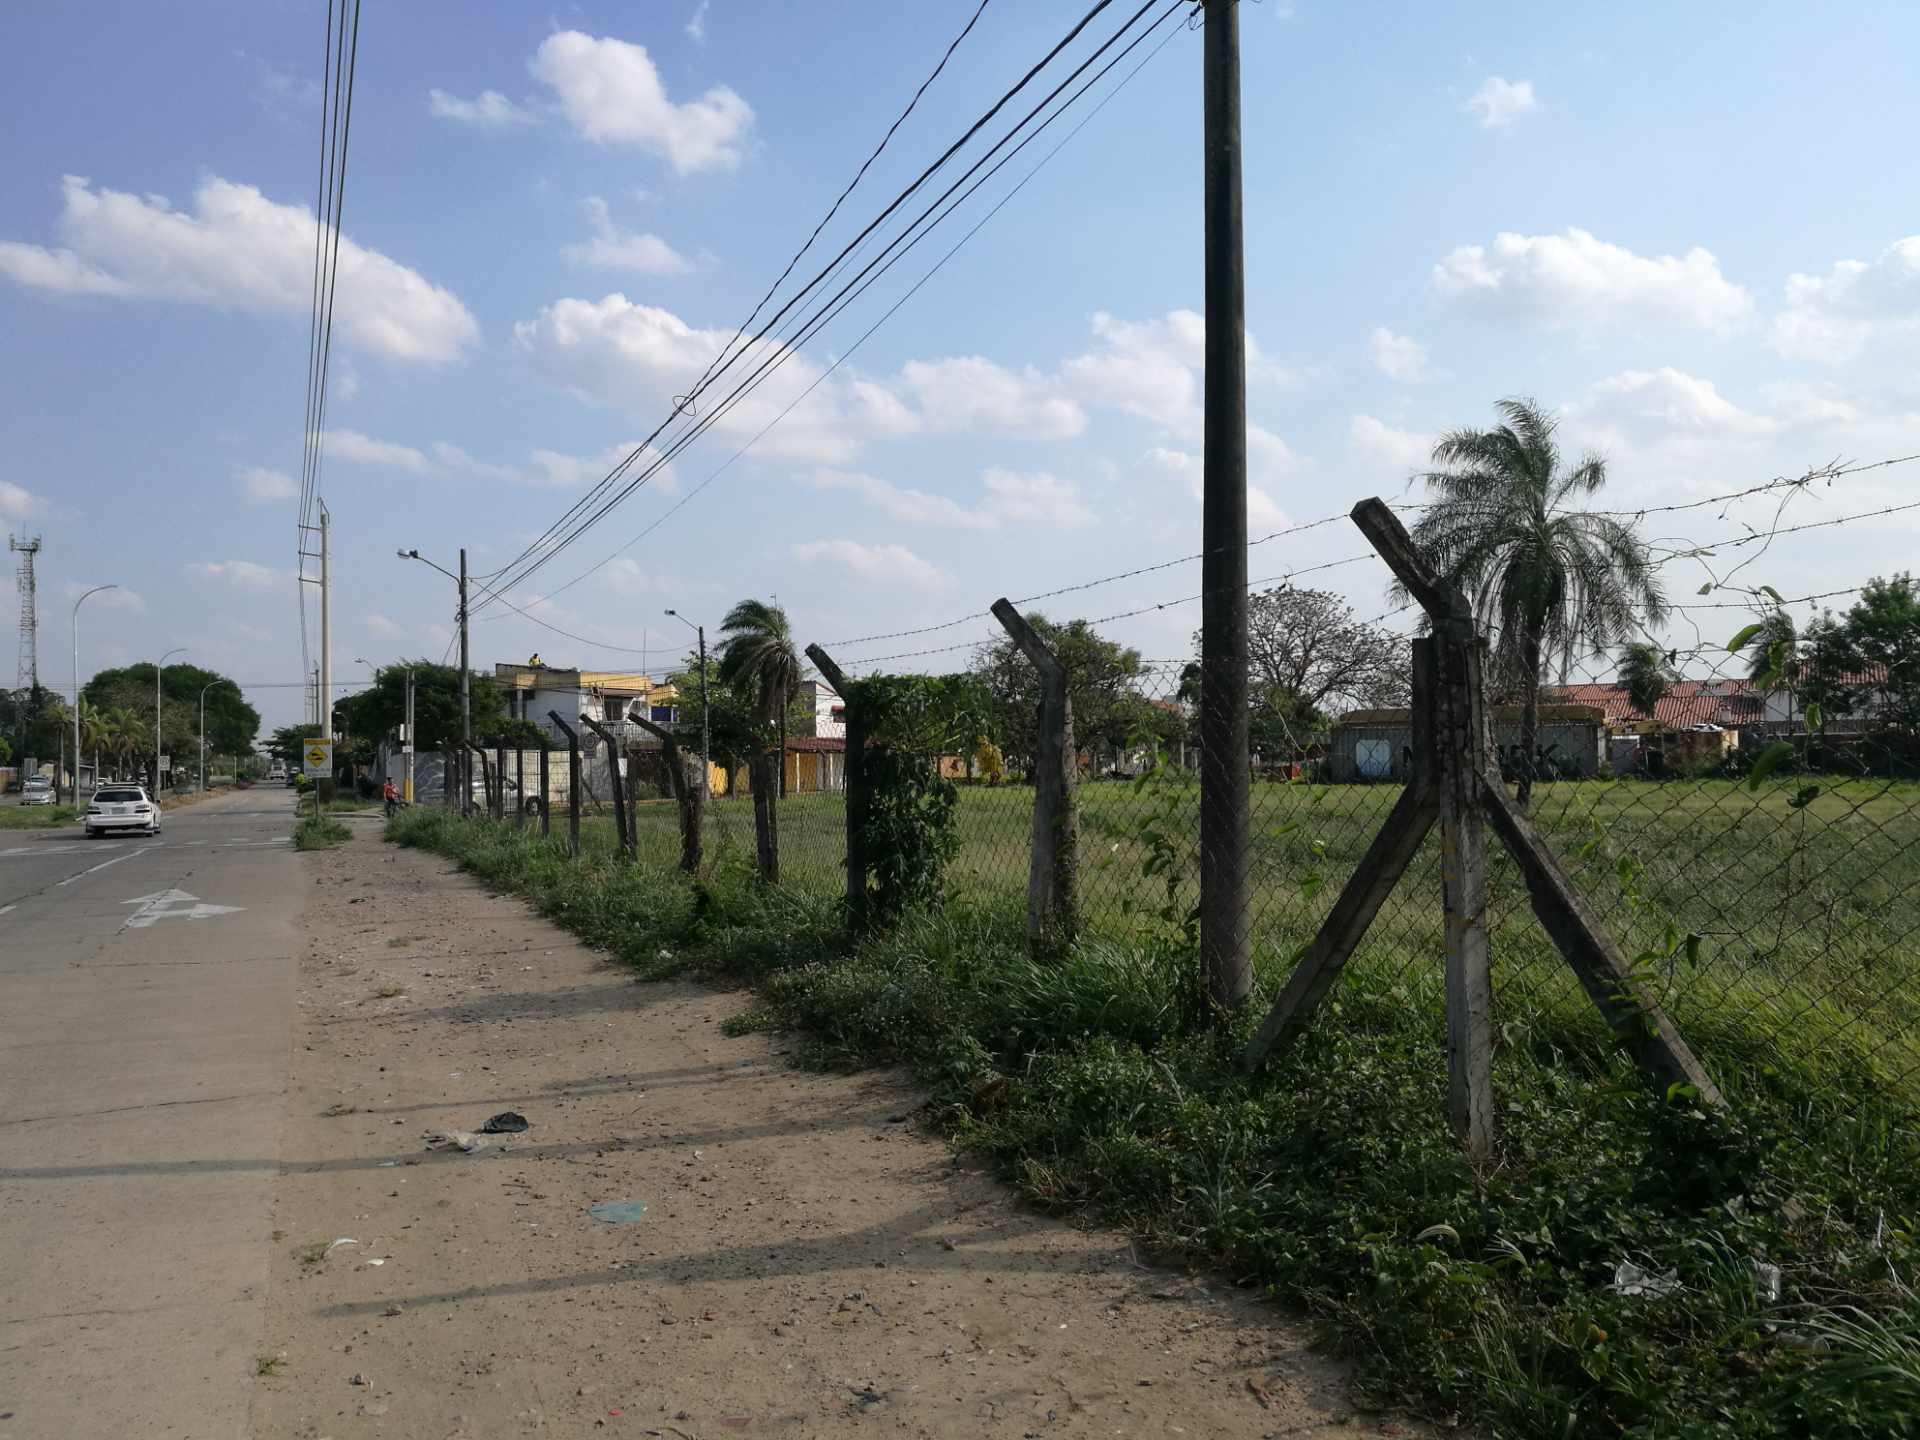 Terreno en Venta TERRENO EN VENTA AV. SAN MARTIN DE PORRES A UNA CUADRA DE LA AV. GRIGOTA Foto 13